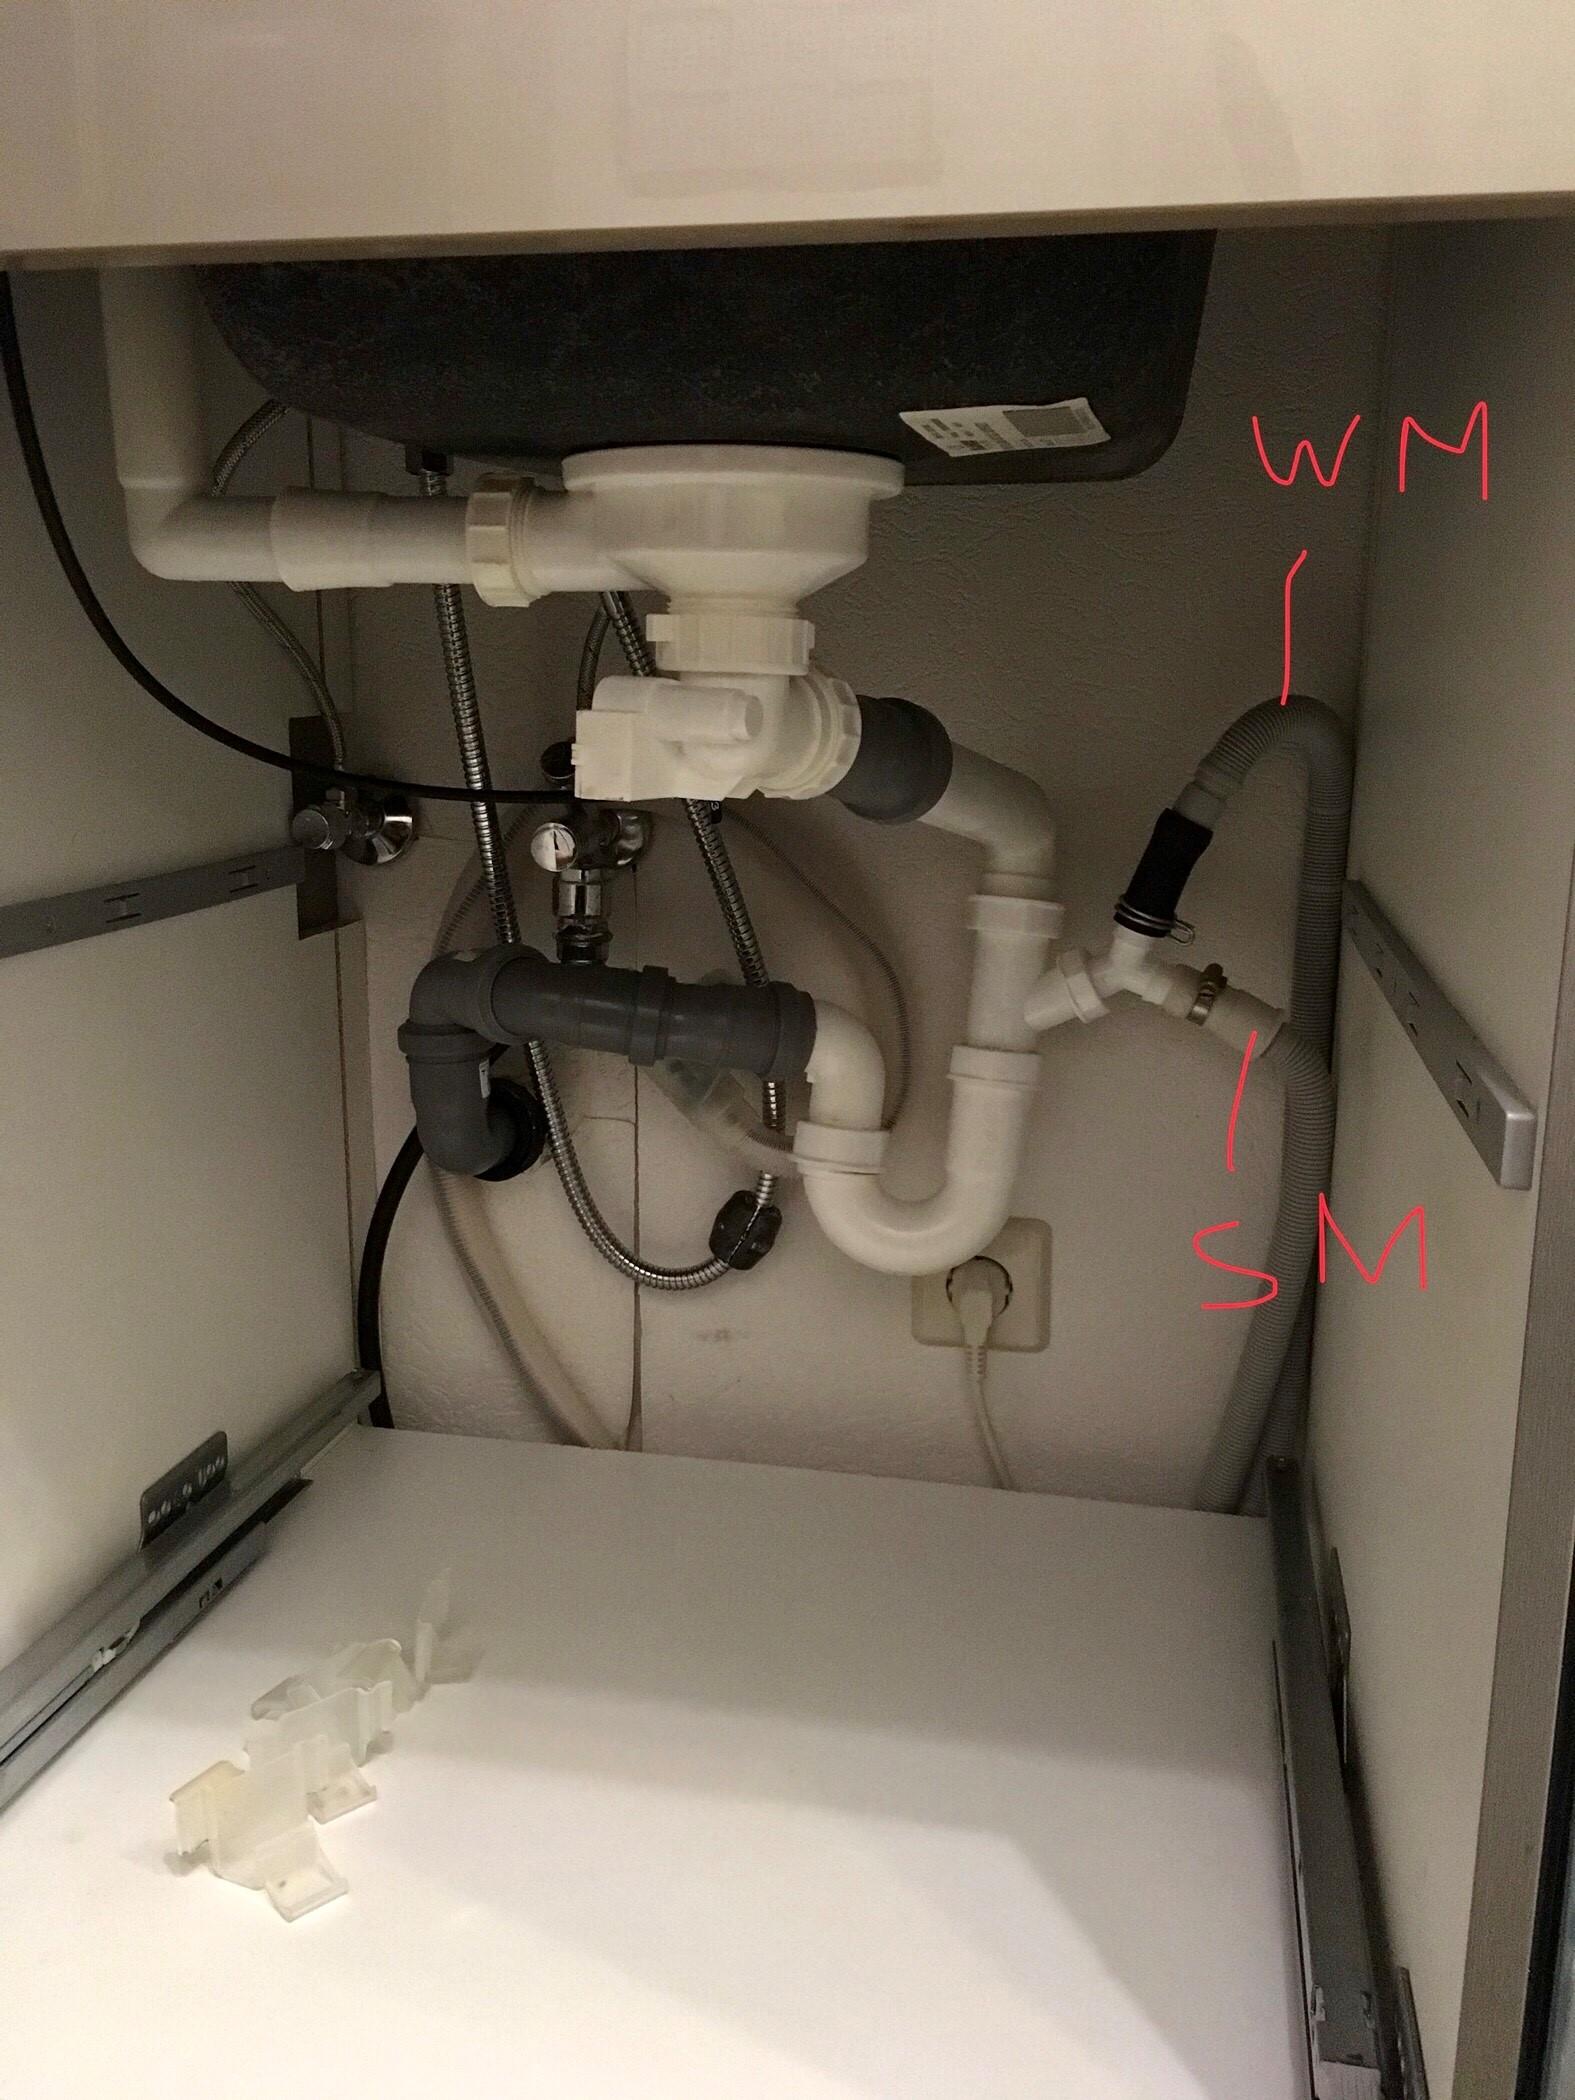 Anschluss von Wasch- und Spülmaschine an den Abfluss? (Technik ...